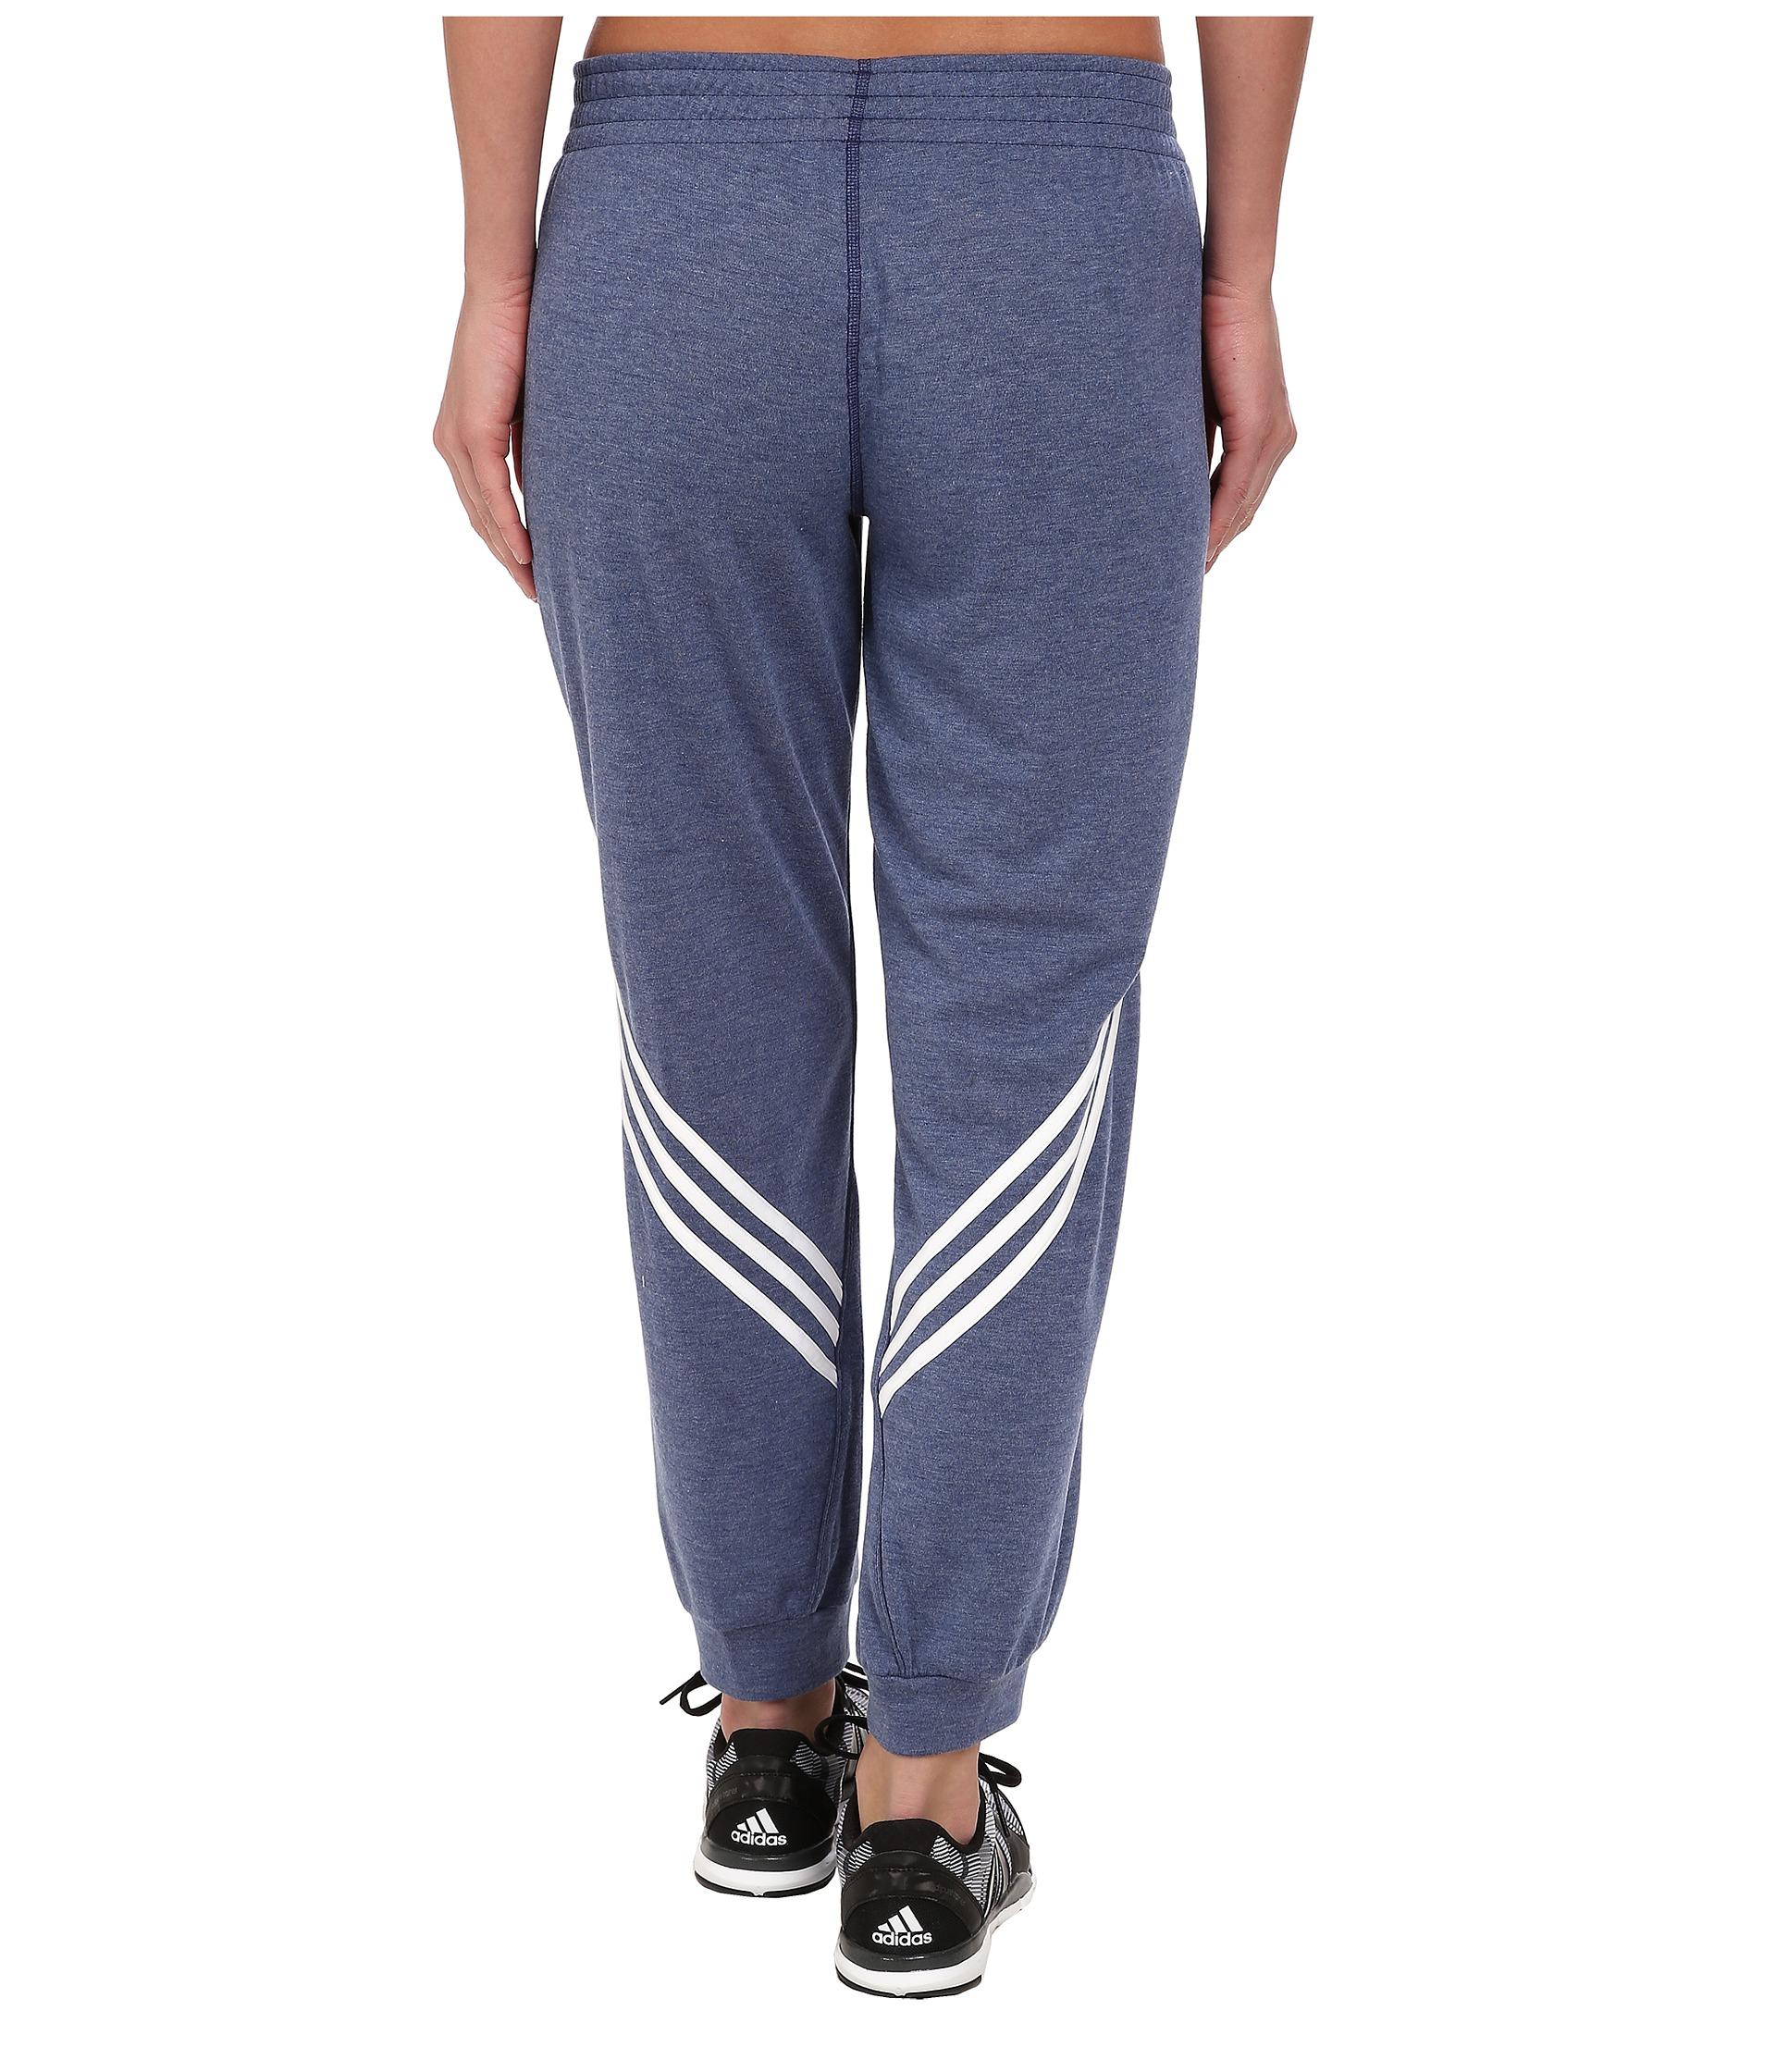 Pantalón Lyst Adidas 2Love en 7 7/8/8 azul en azul acab0e1 - hotlink.pw